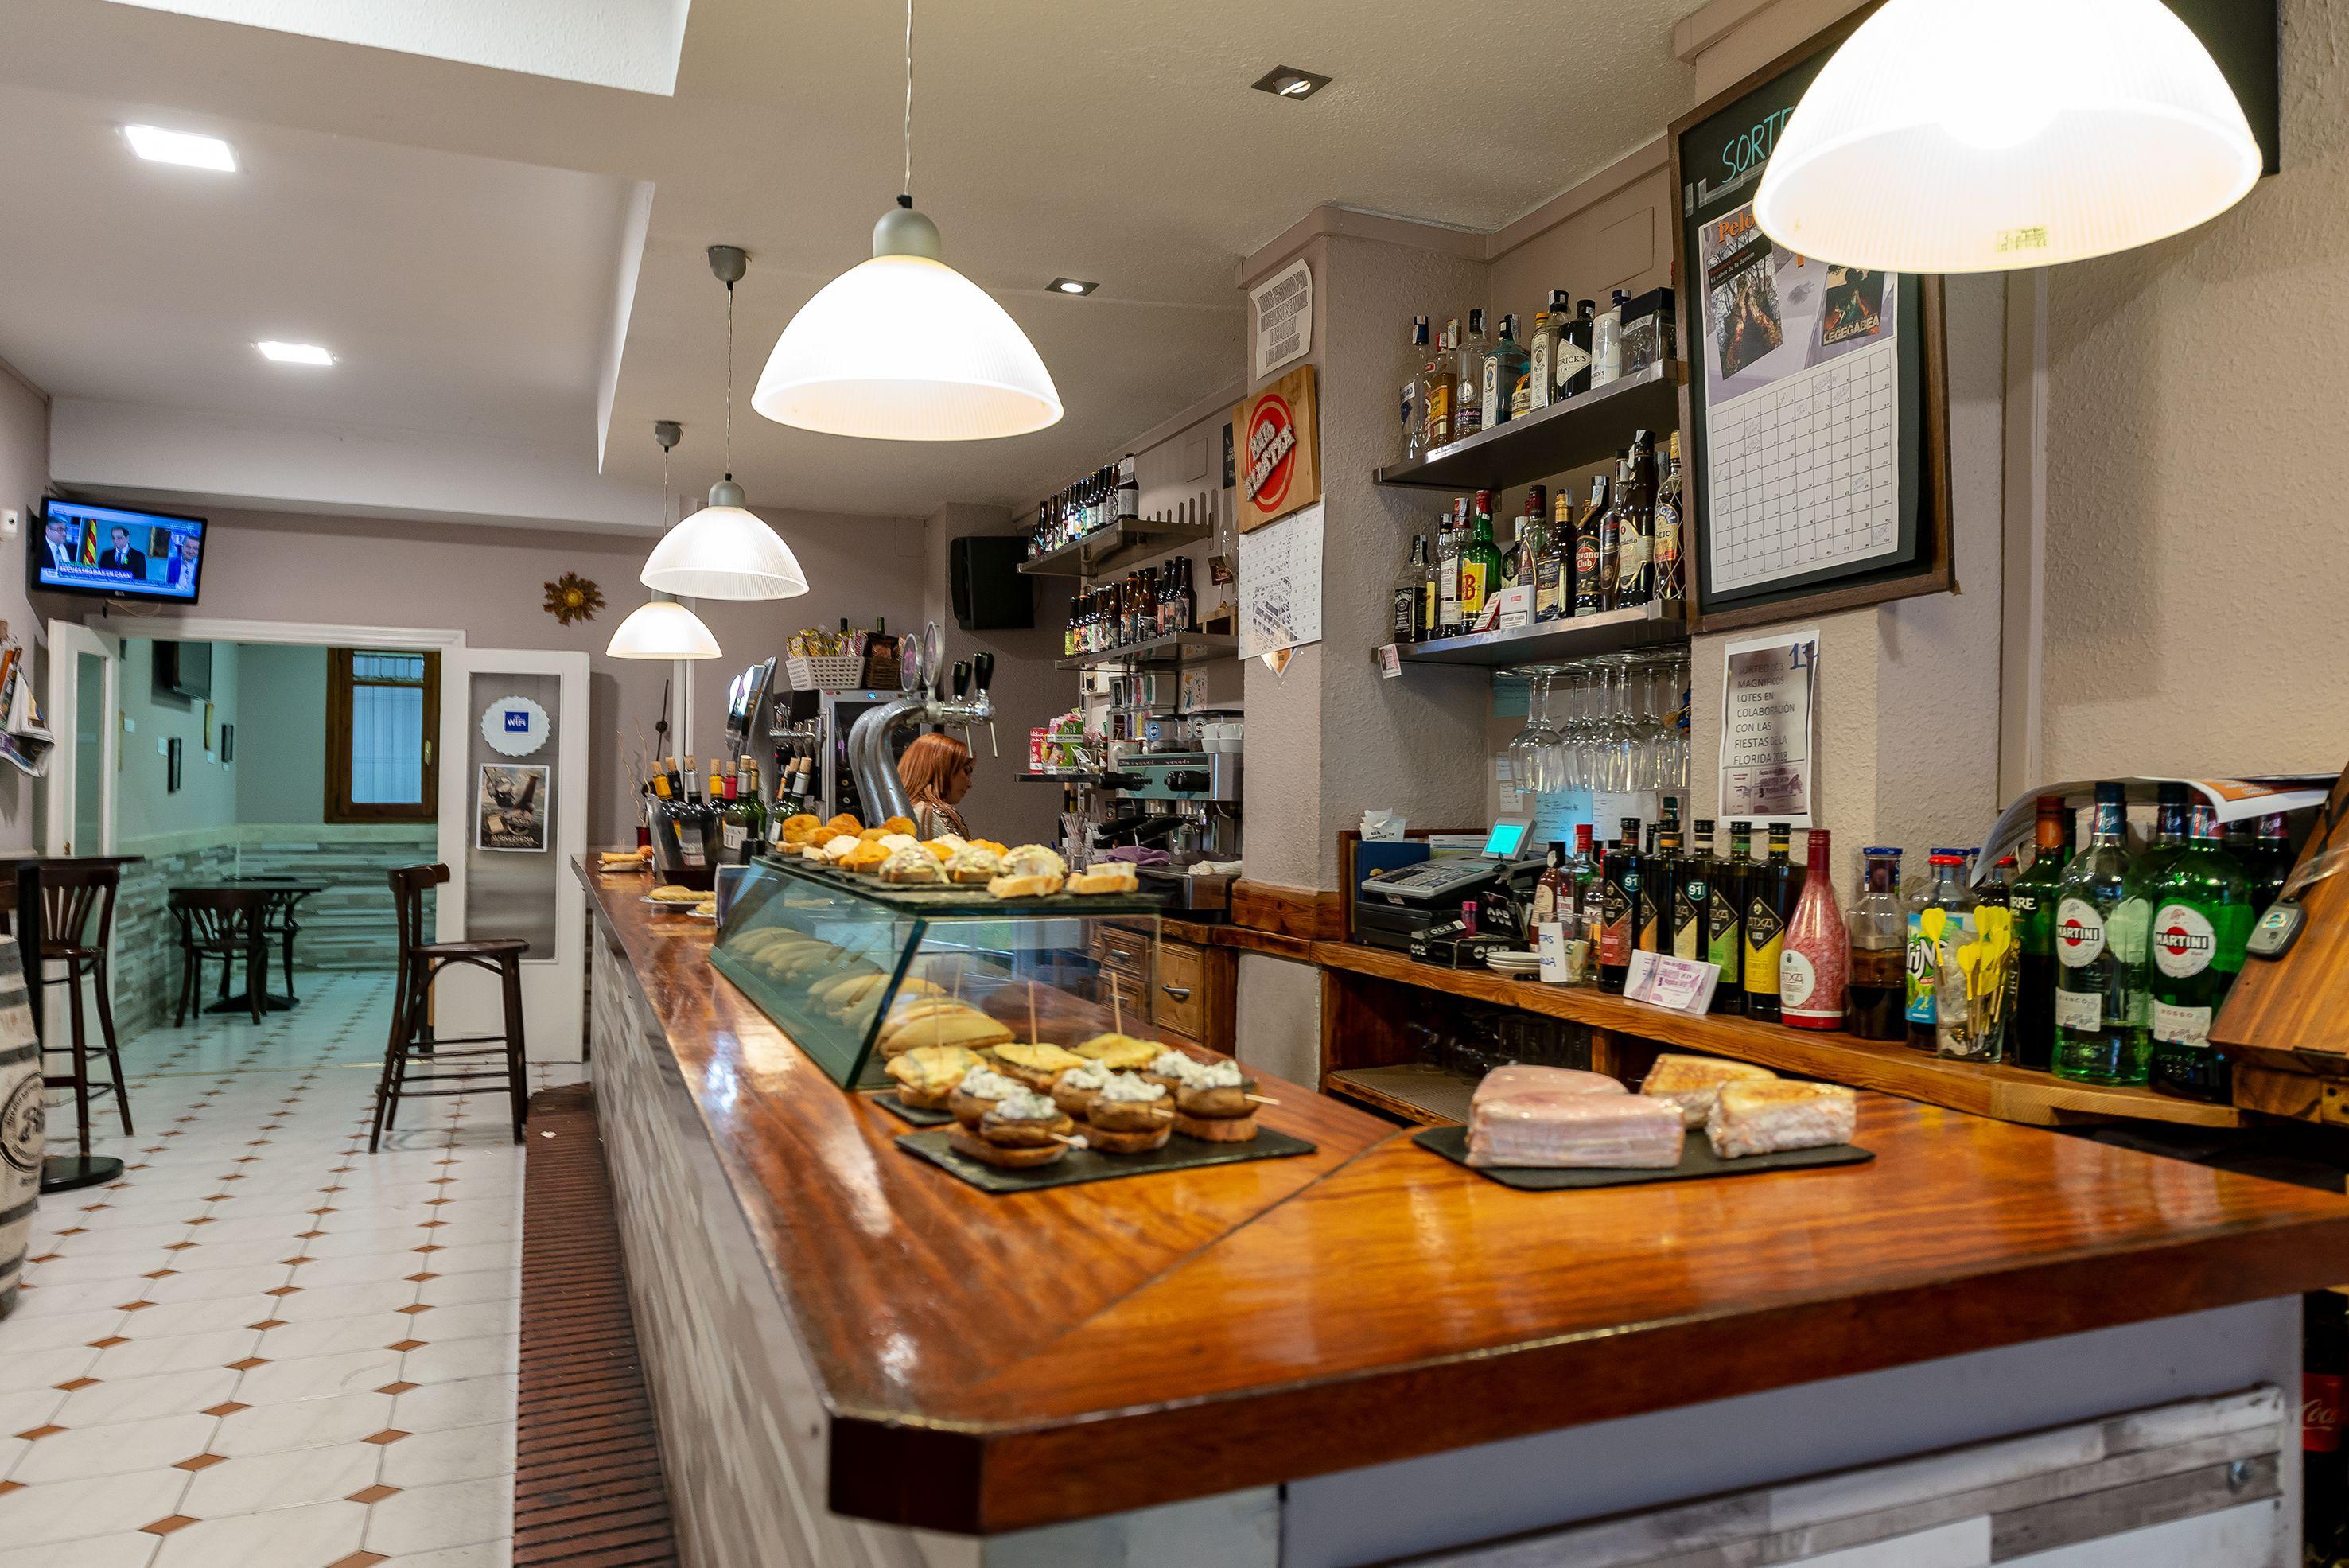 Fusión tradicional y moderna de la cocina vasca en Portugalete Vizcaya